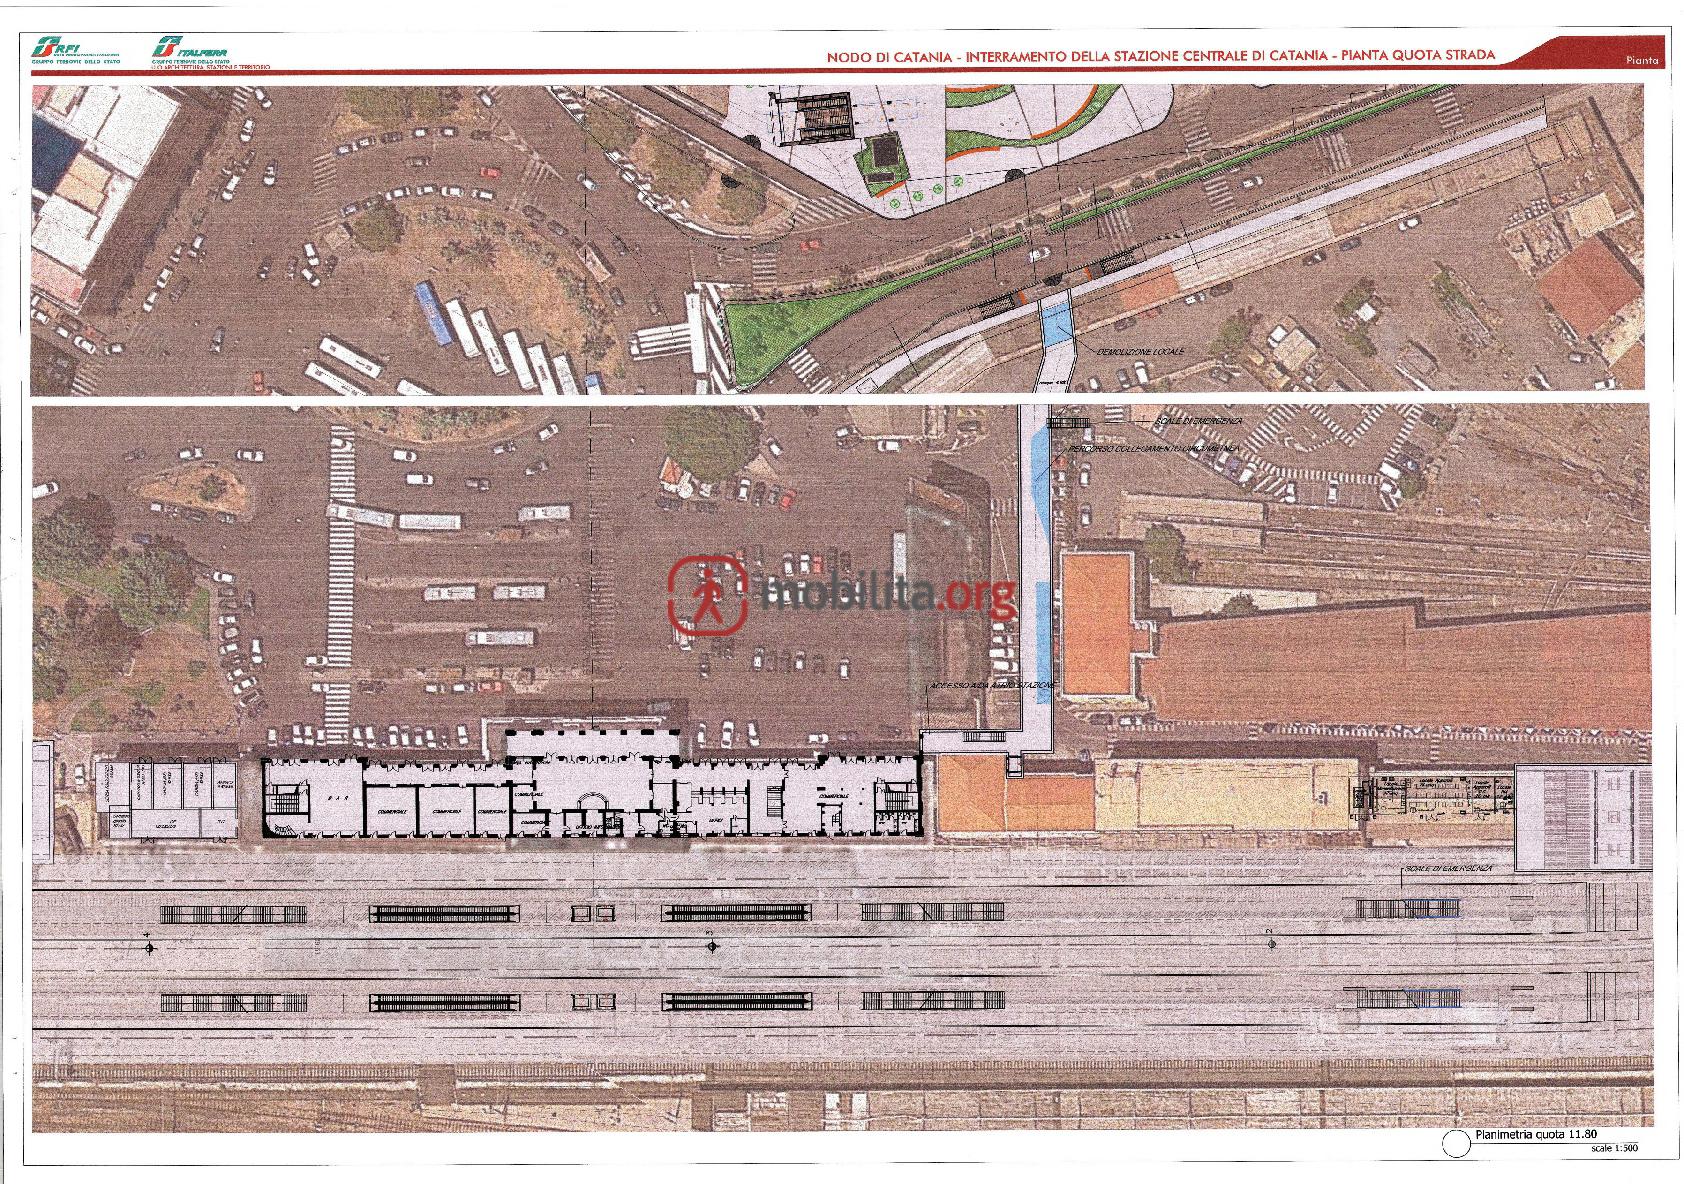 Il progetto di interramento di Catania Centrale e il collegamento con la stazione della metropolitana